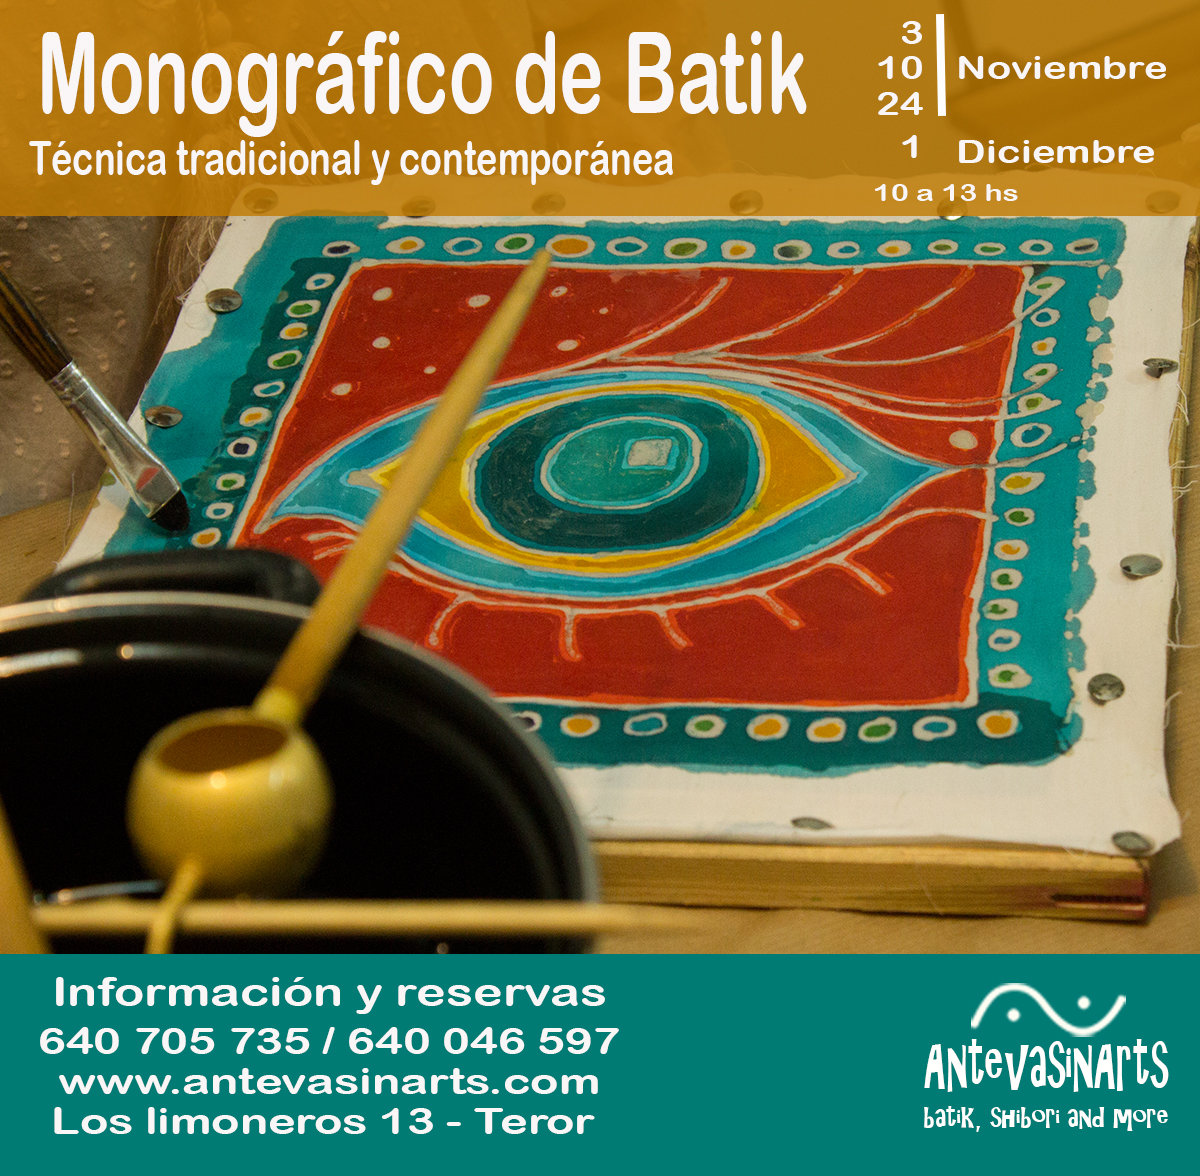 Monográfico Batik - Sábado 19 de Enero